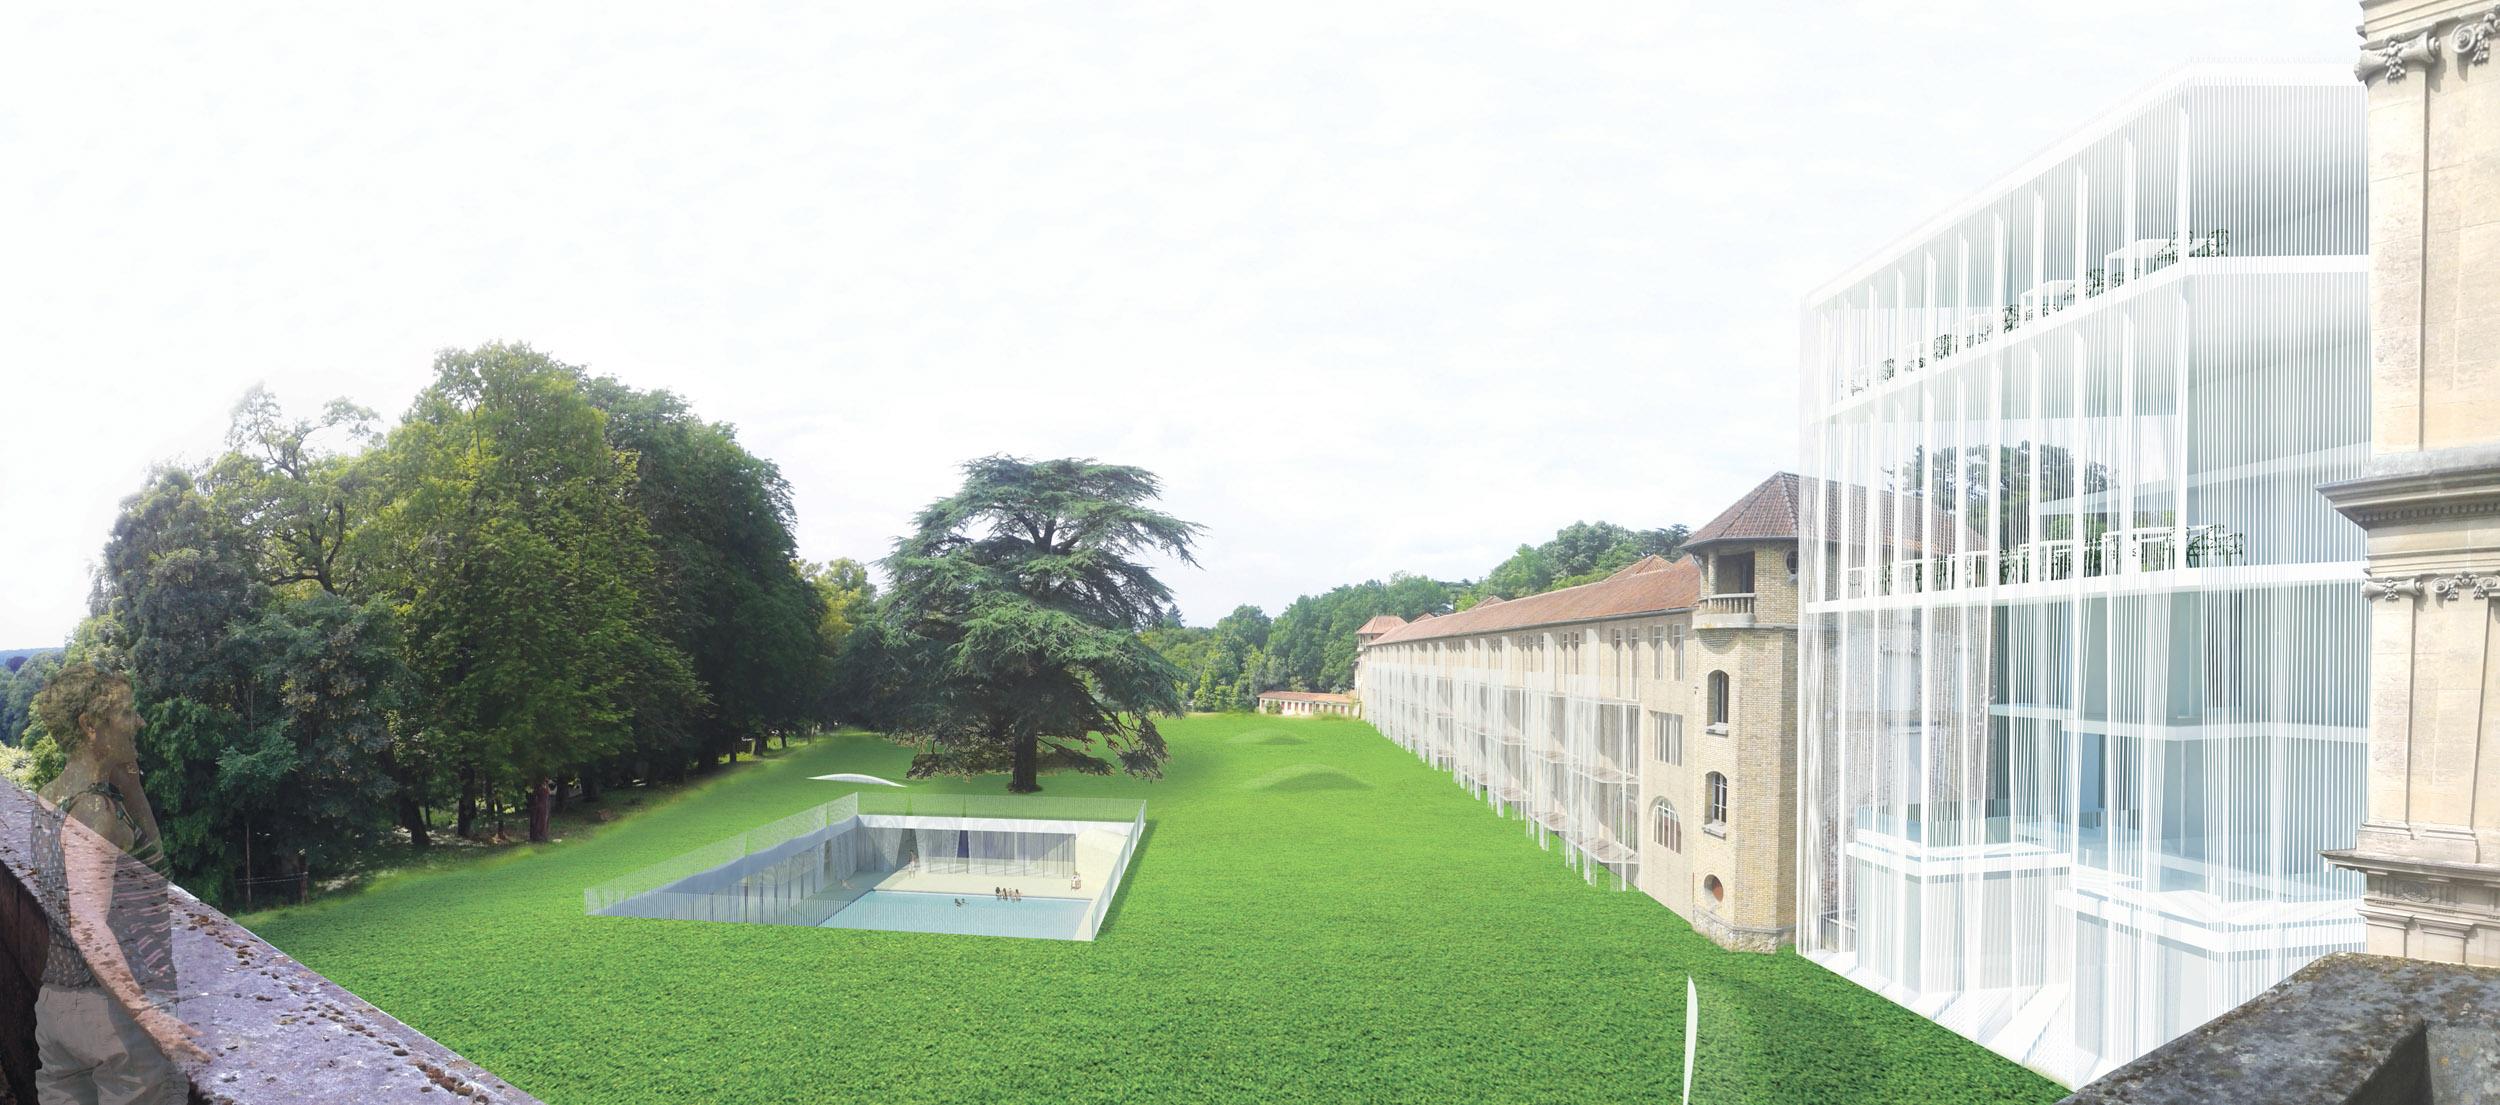 franconville_patio_jardin